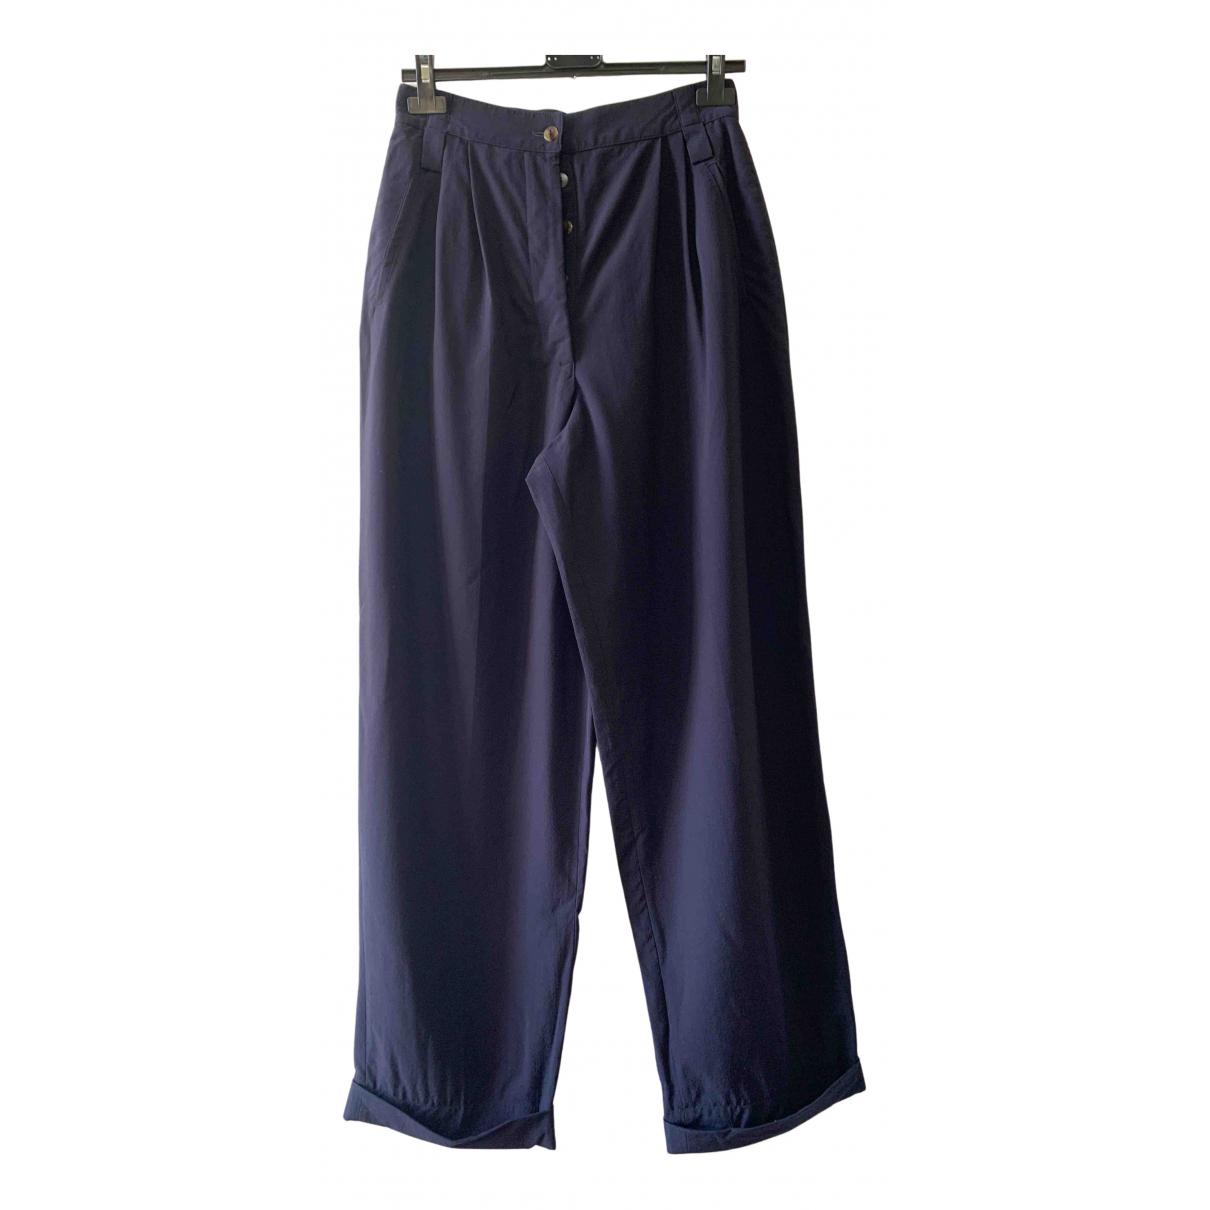 Jean Paul Gaultier - Pantalon   pour femme - bleu